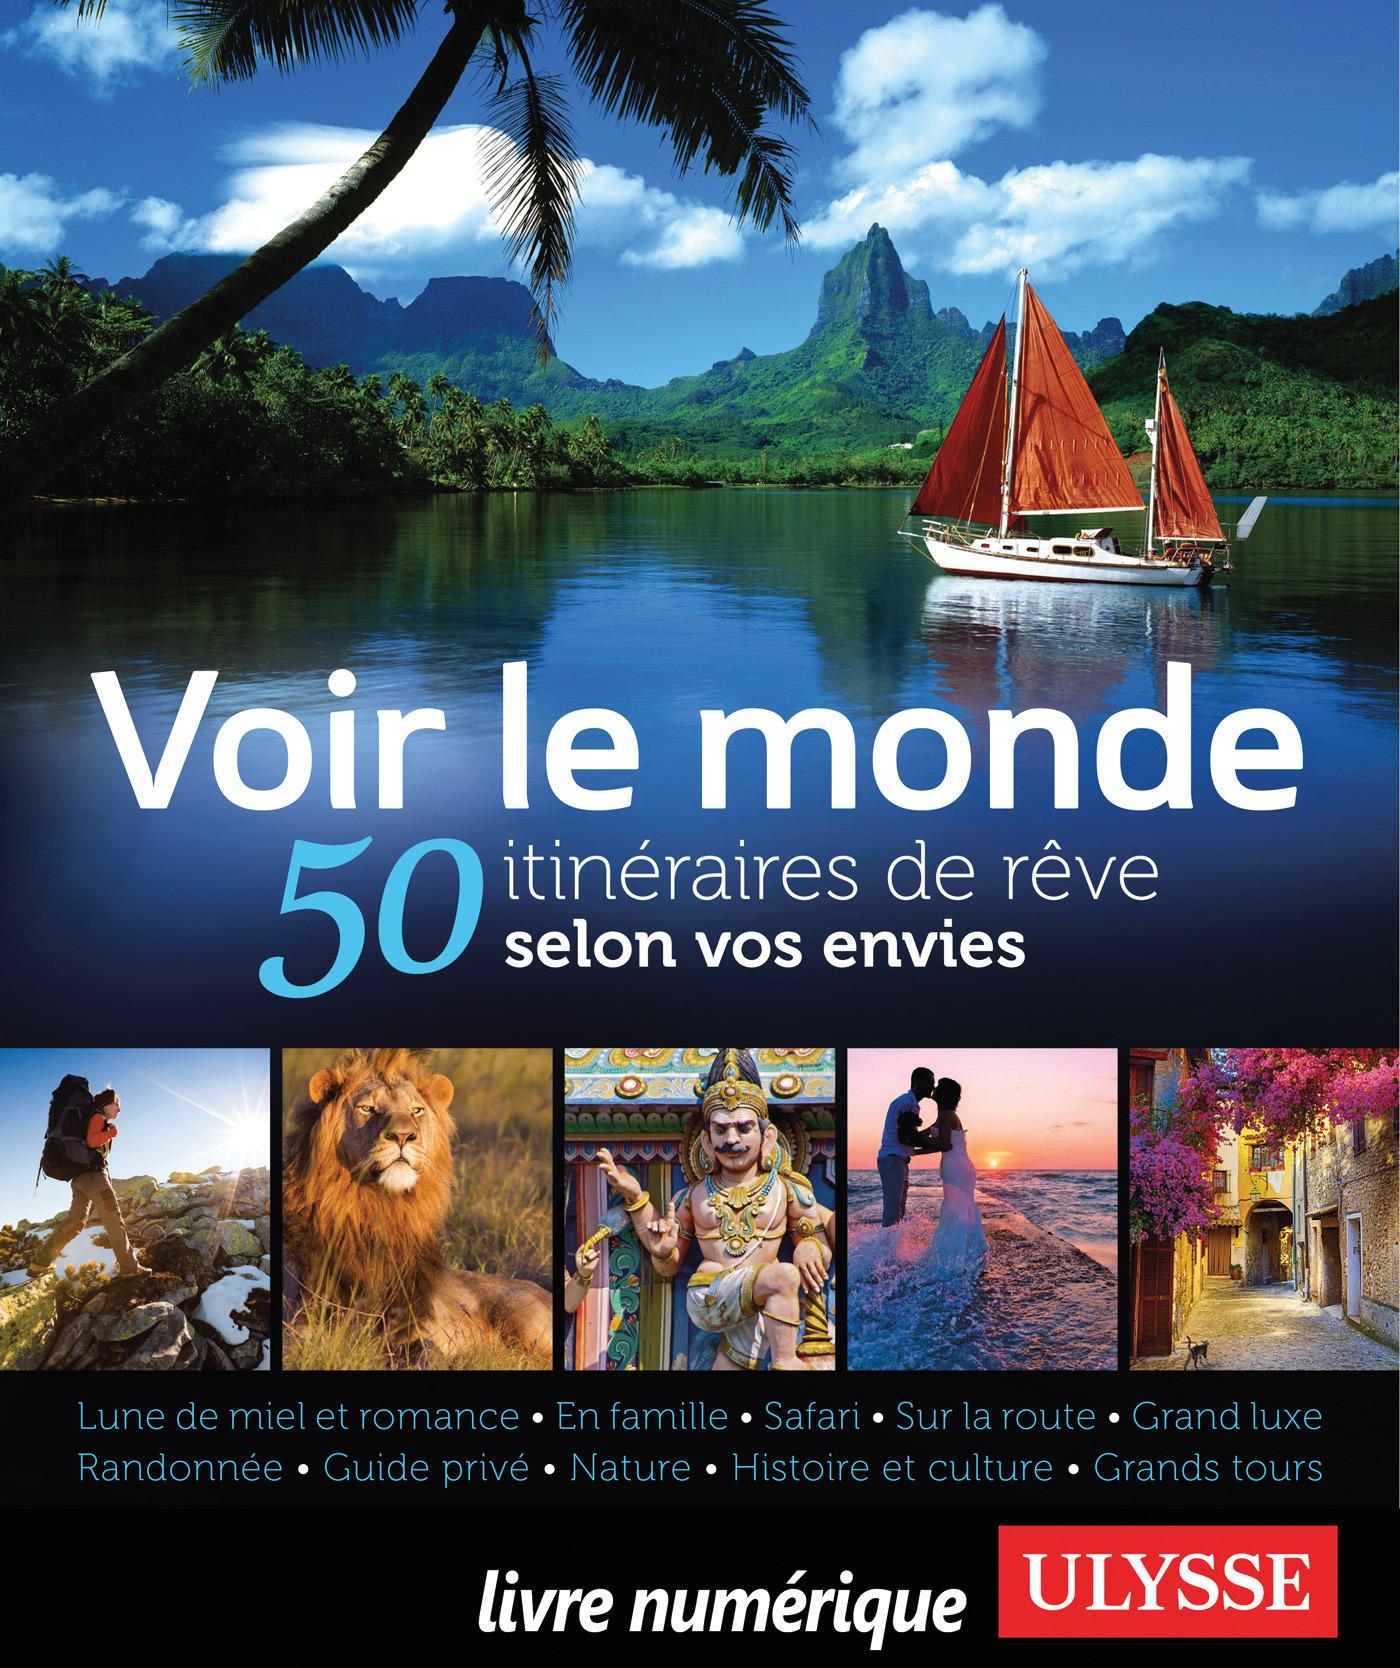 Voir le monde - 50 itinéraires de rêve selon vos envies (ebook)